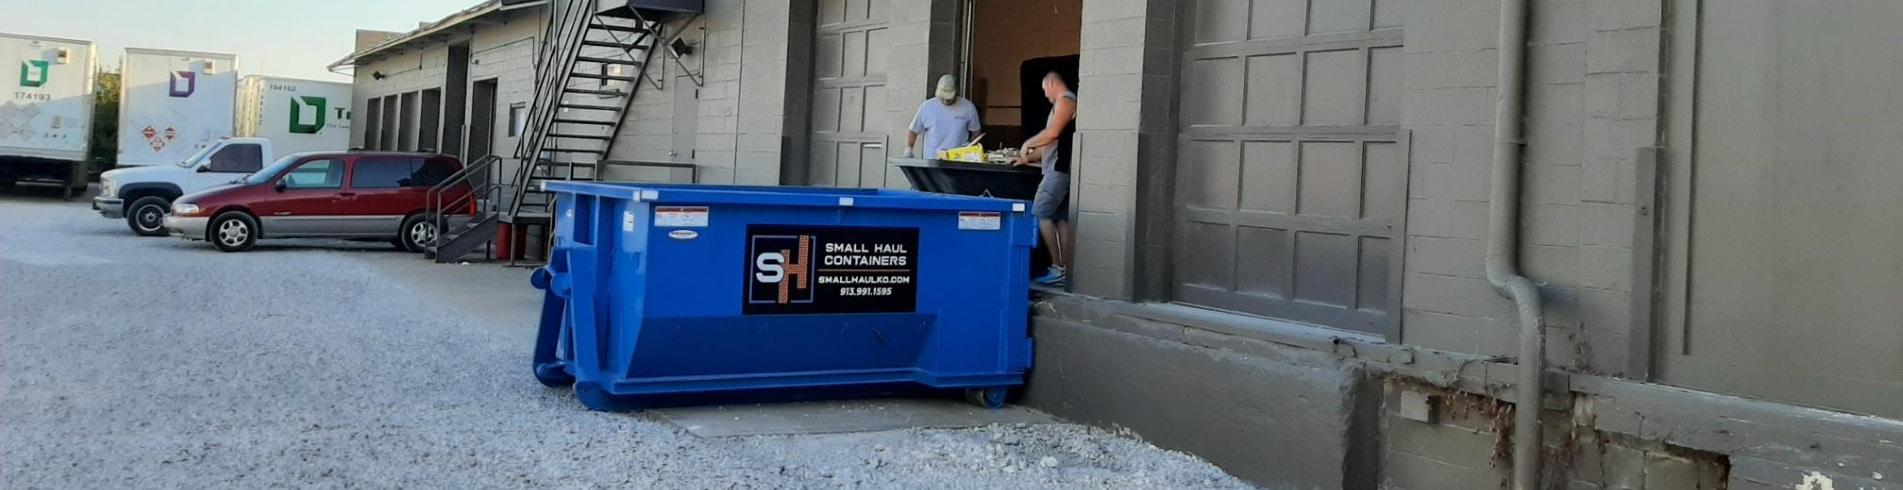 Commercial Dumpster Rental